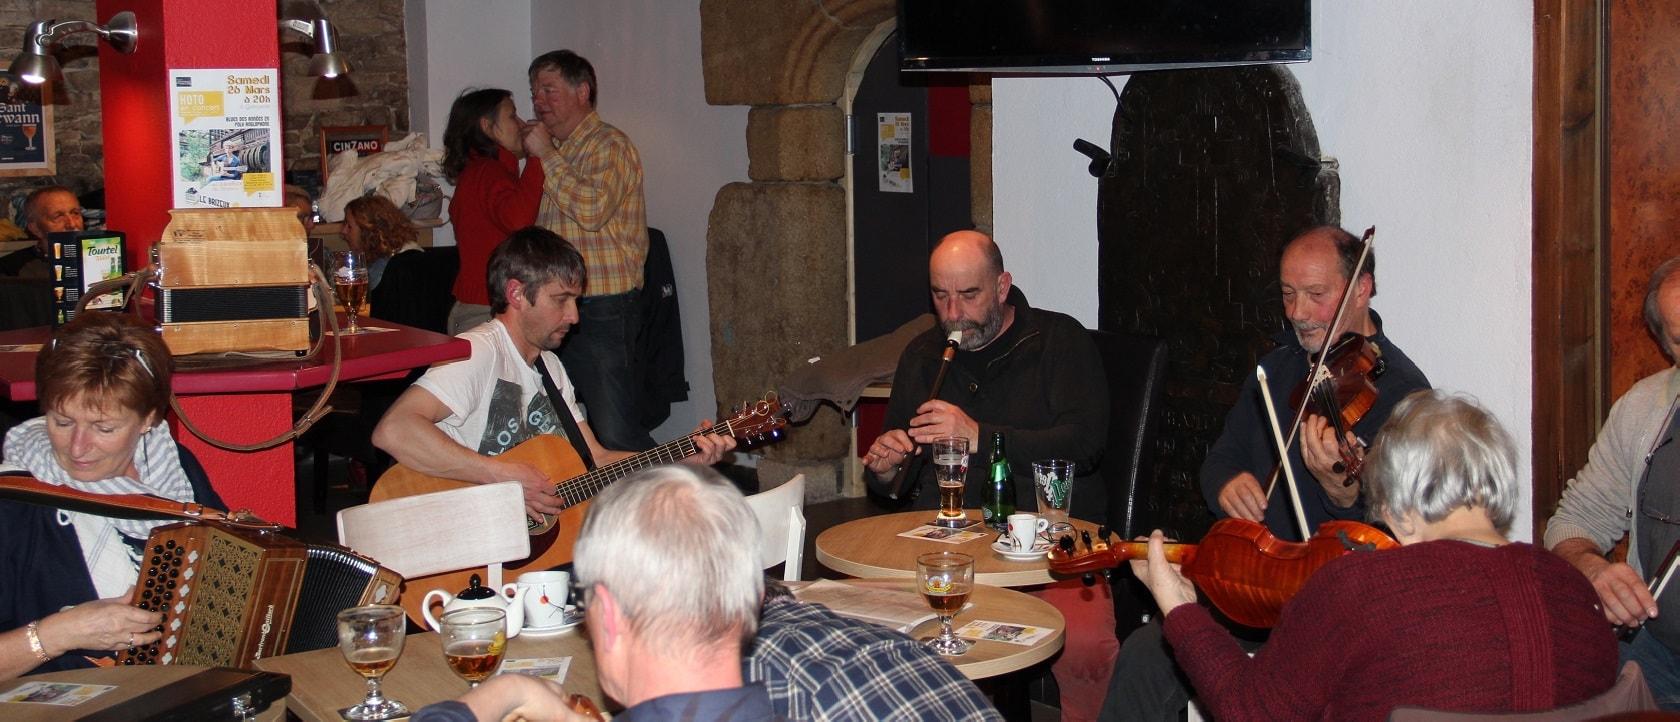 Boeuf musical au Brizeux à Quimperlé